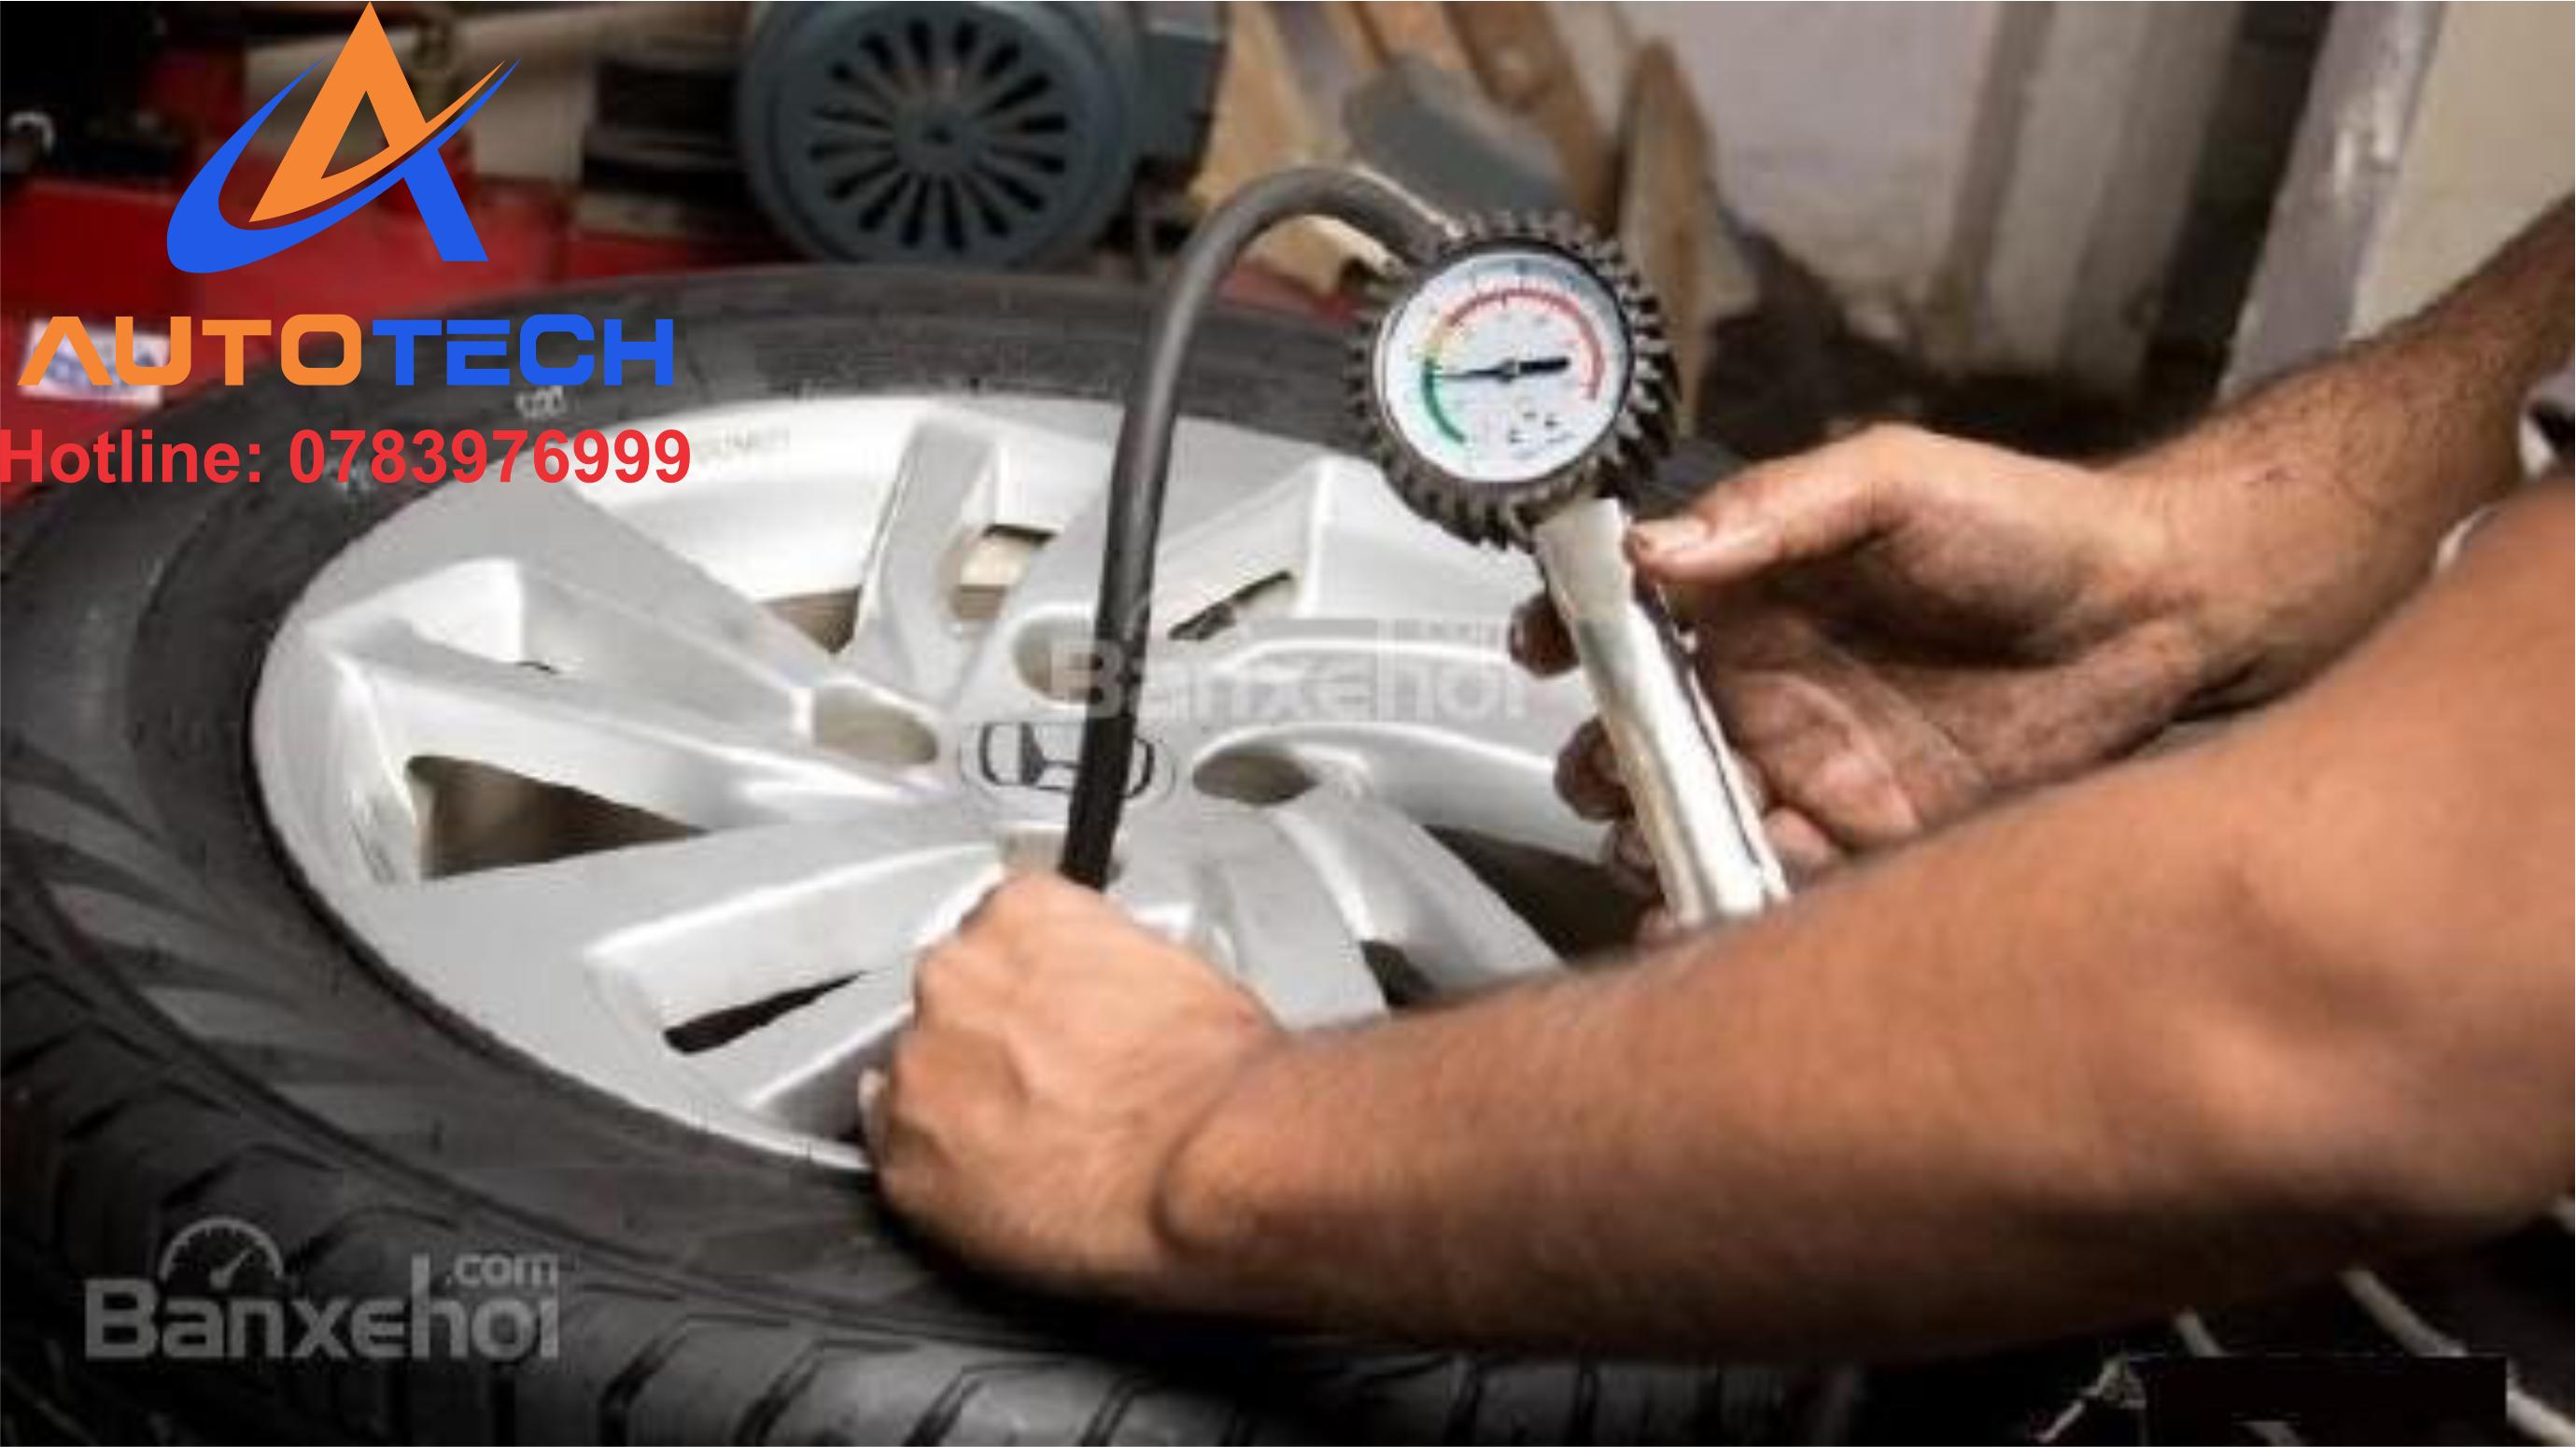 Đảm bảo áp suất lốp cho xe.